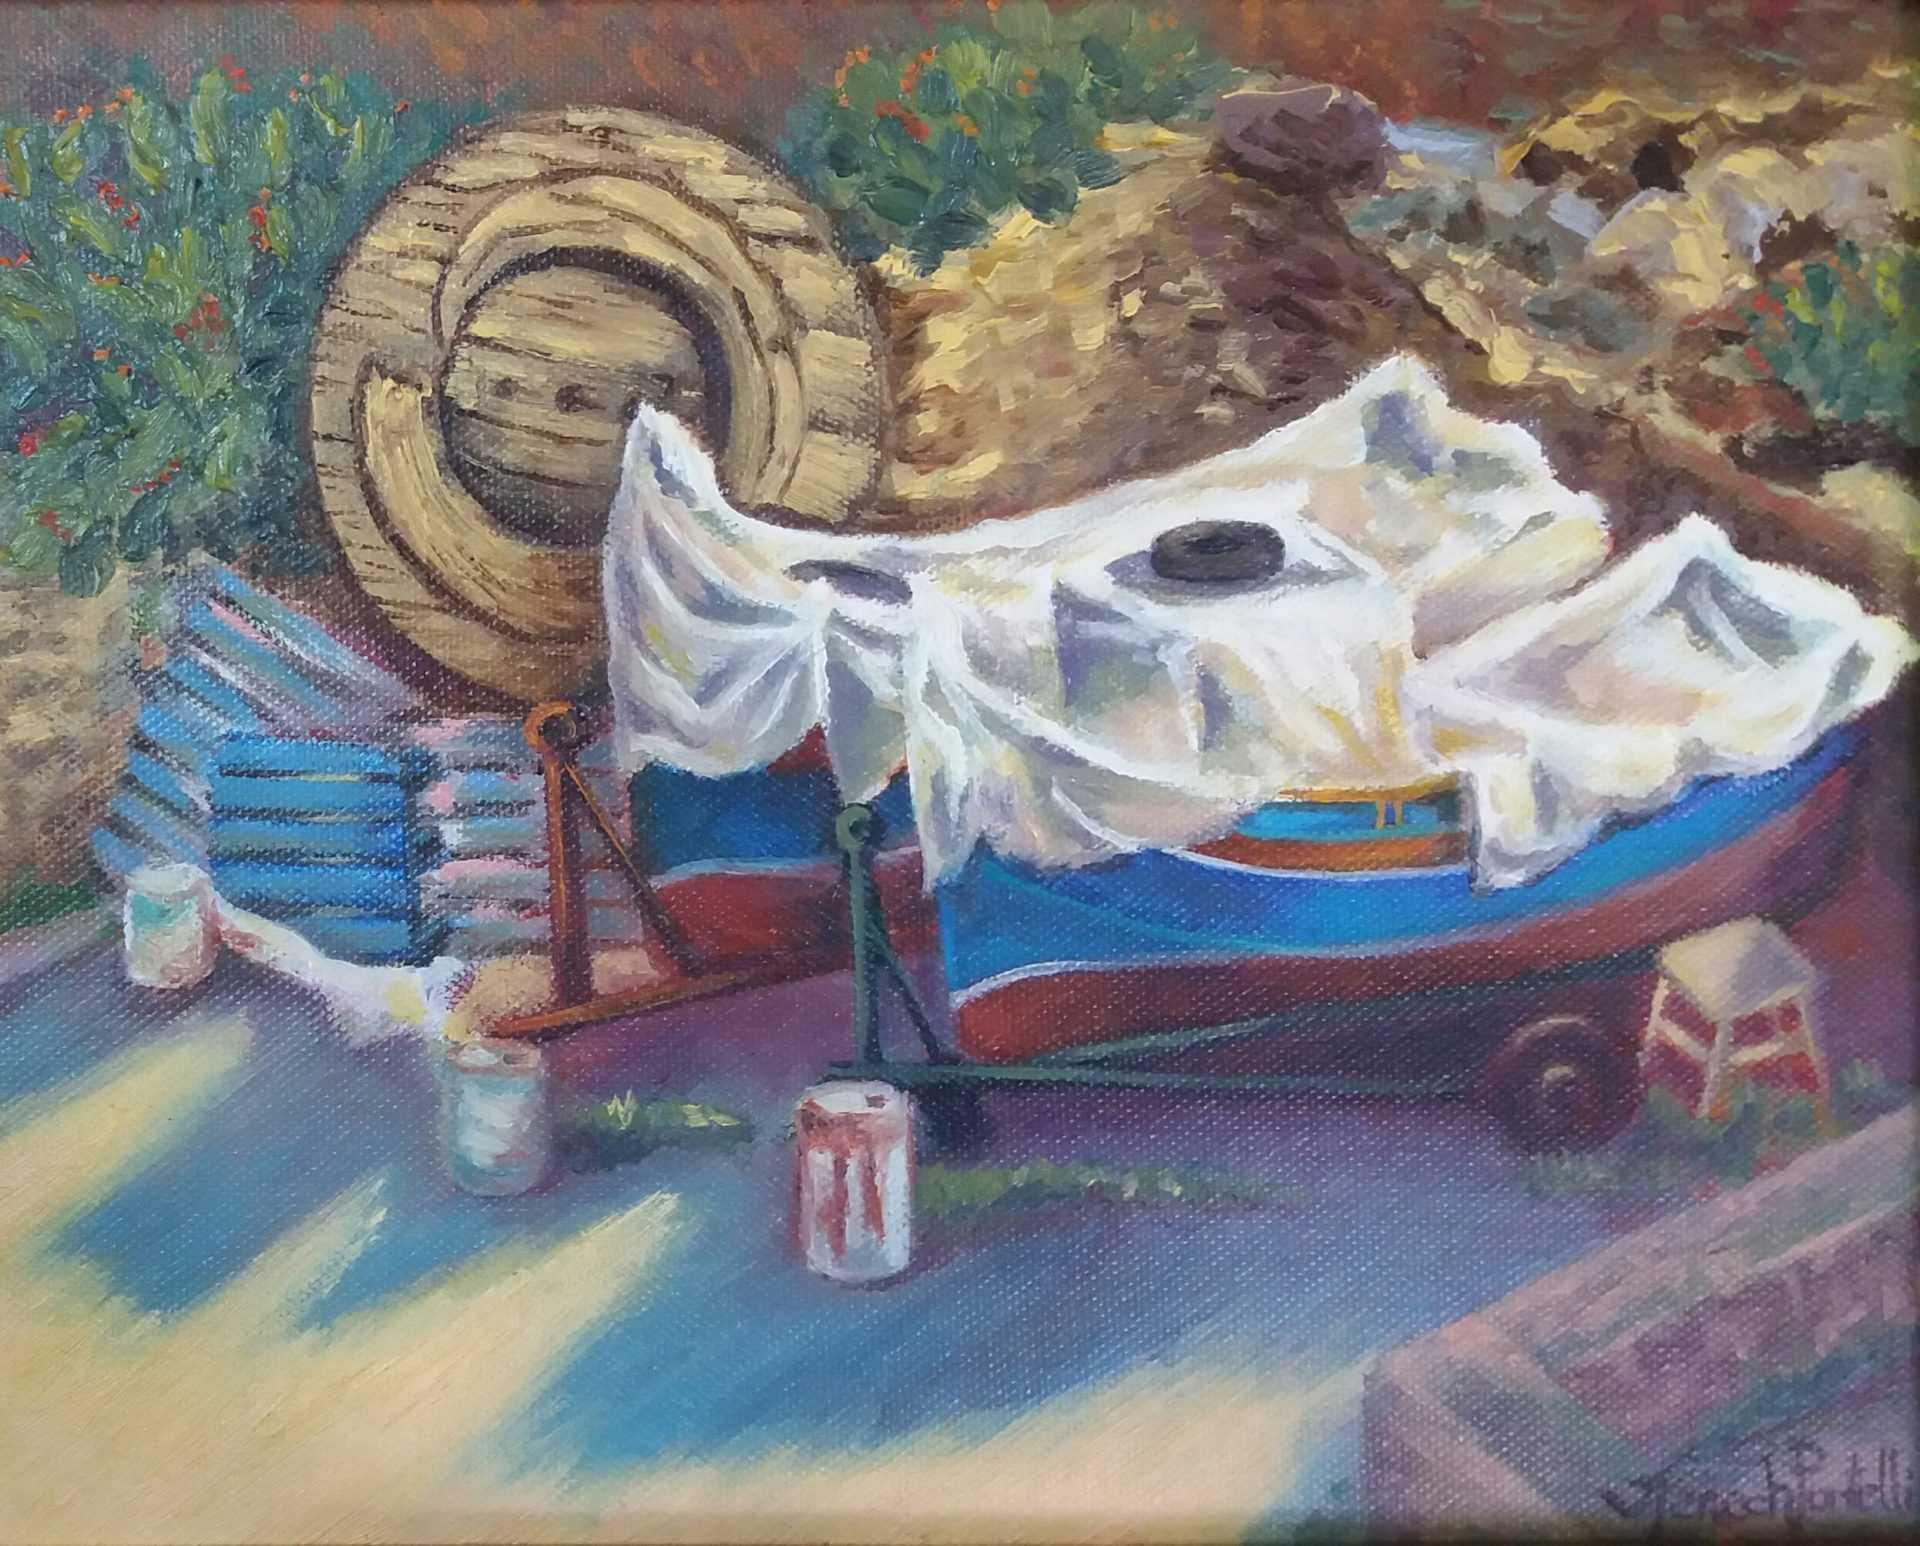 Joanne Fenech Portelli - Boats at Rest